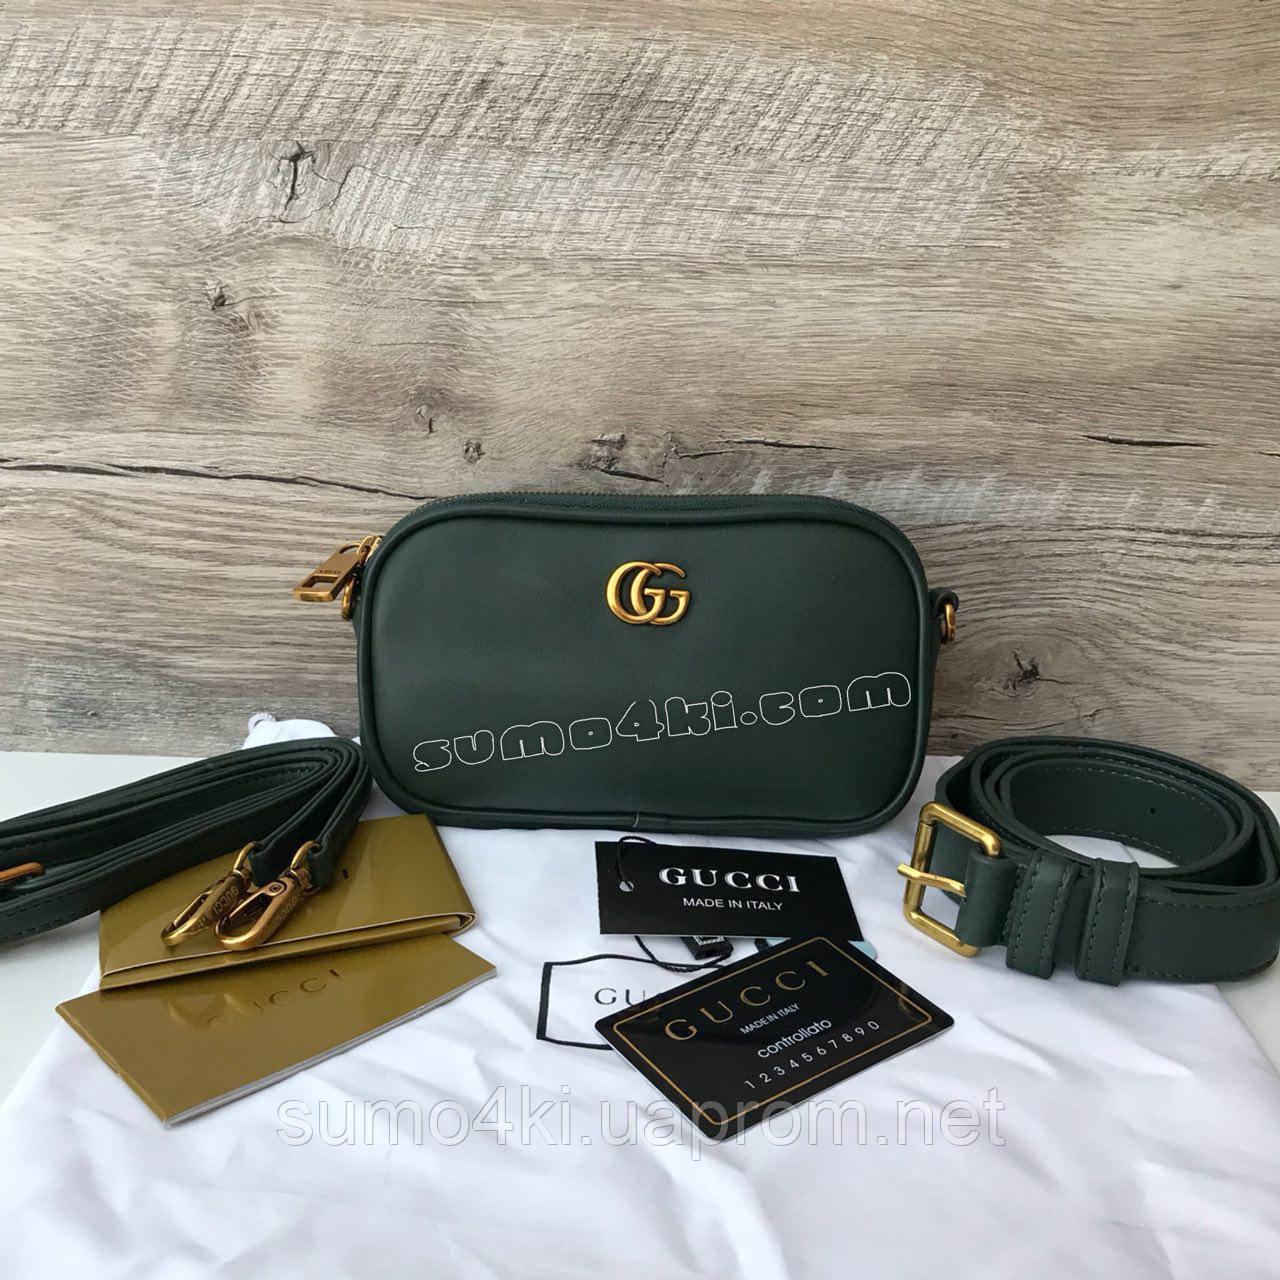 060cbba0fded Женская поясная сумка Gucci ( Гуччи ) - Интернет-магазин «Галерея Сумок» в